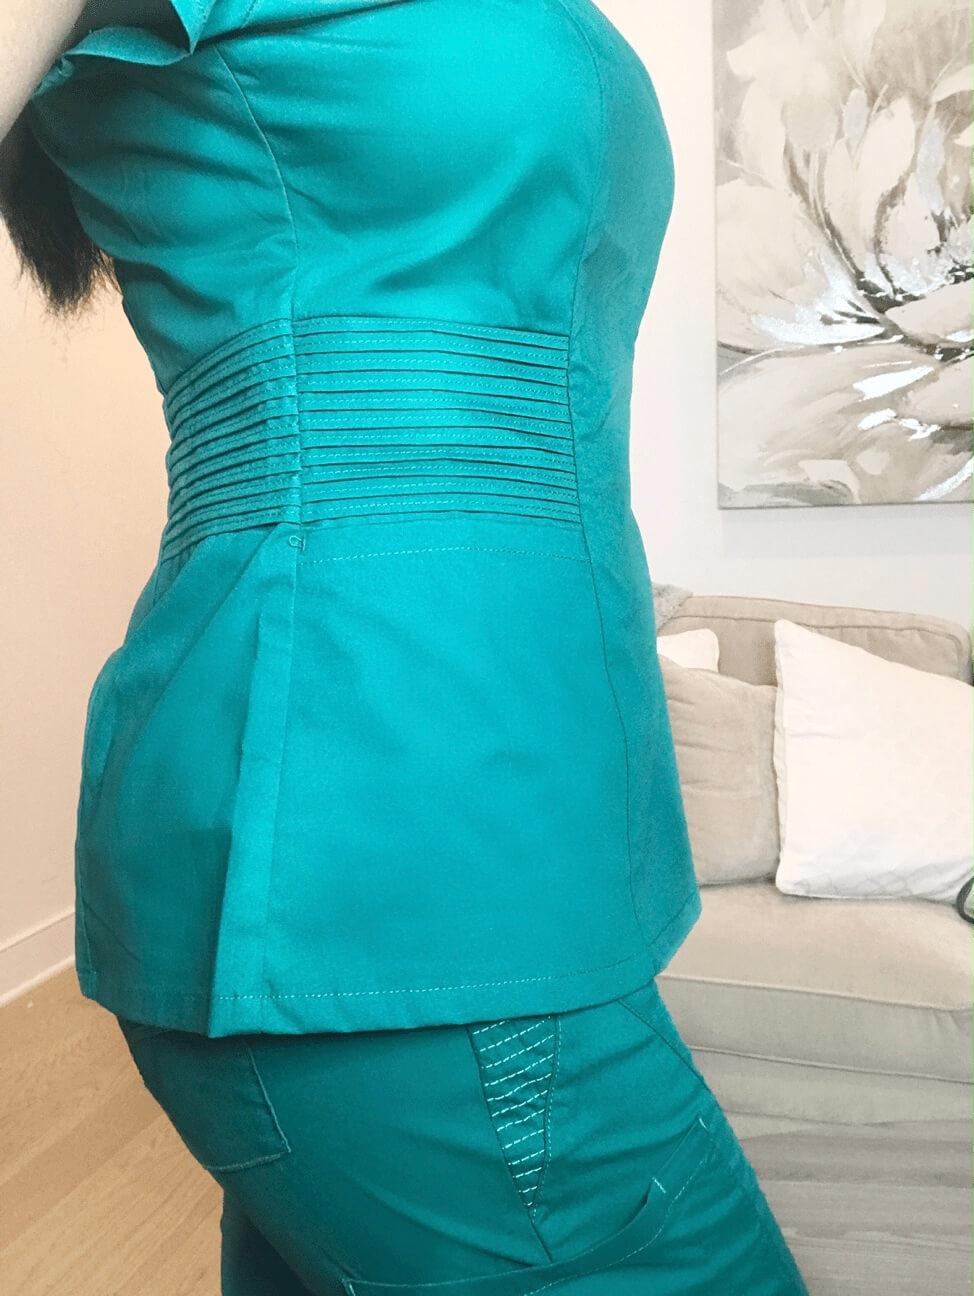 jaanuu nursing scrubs review 1 grey side view